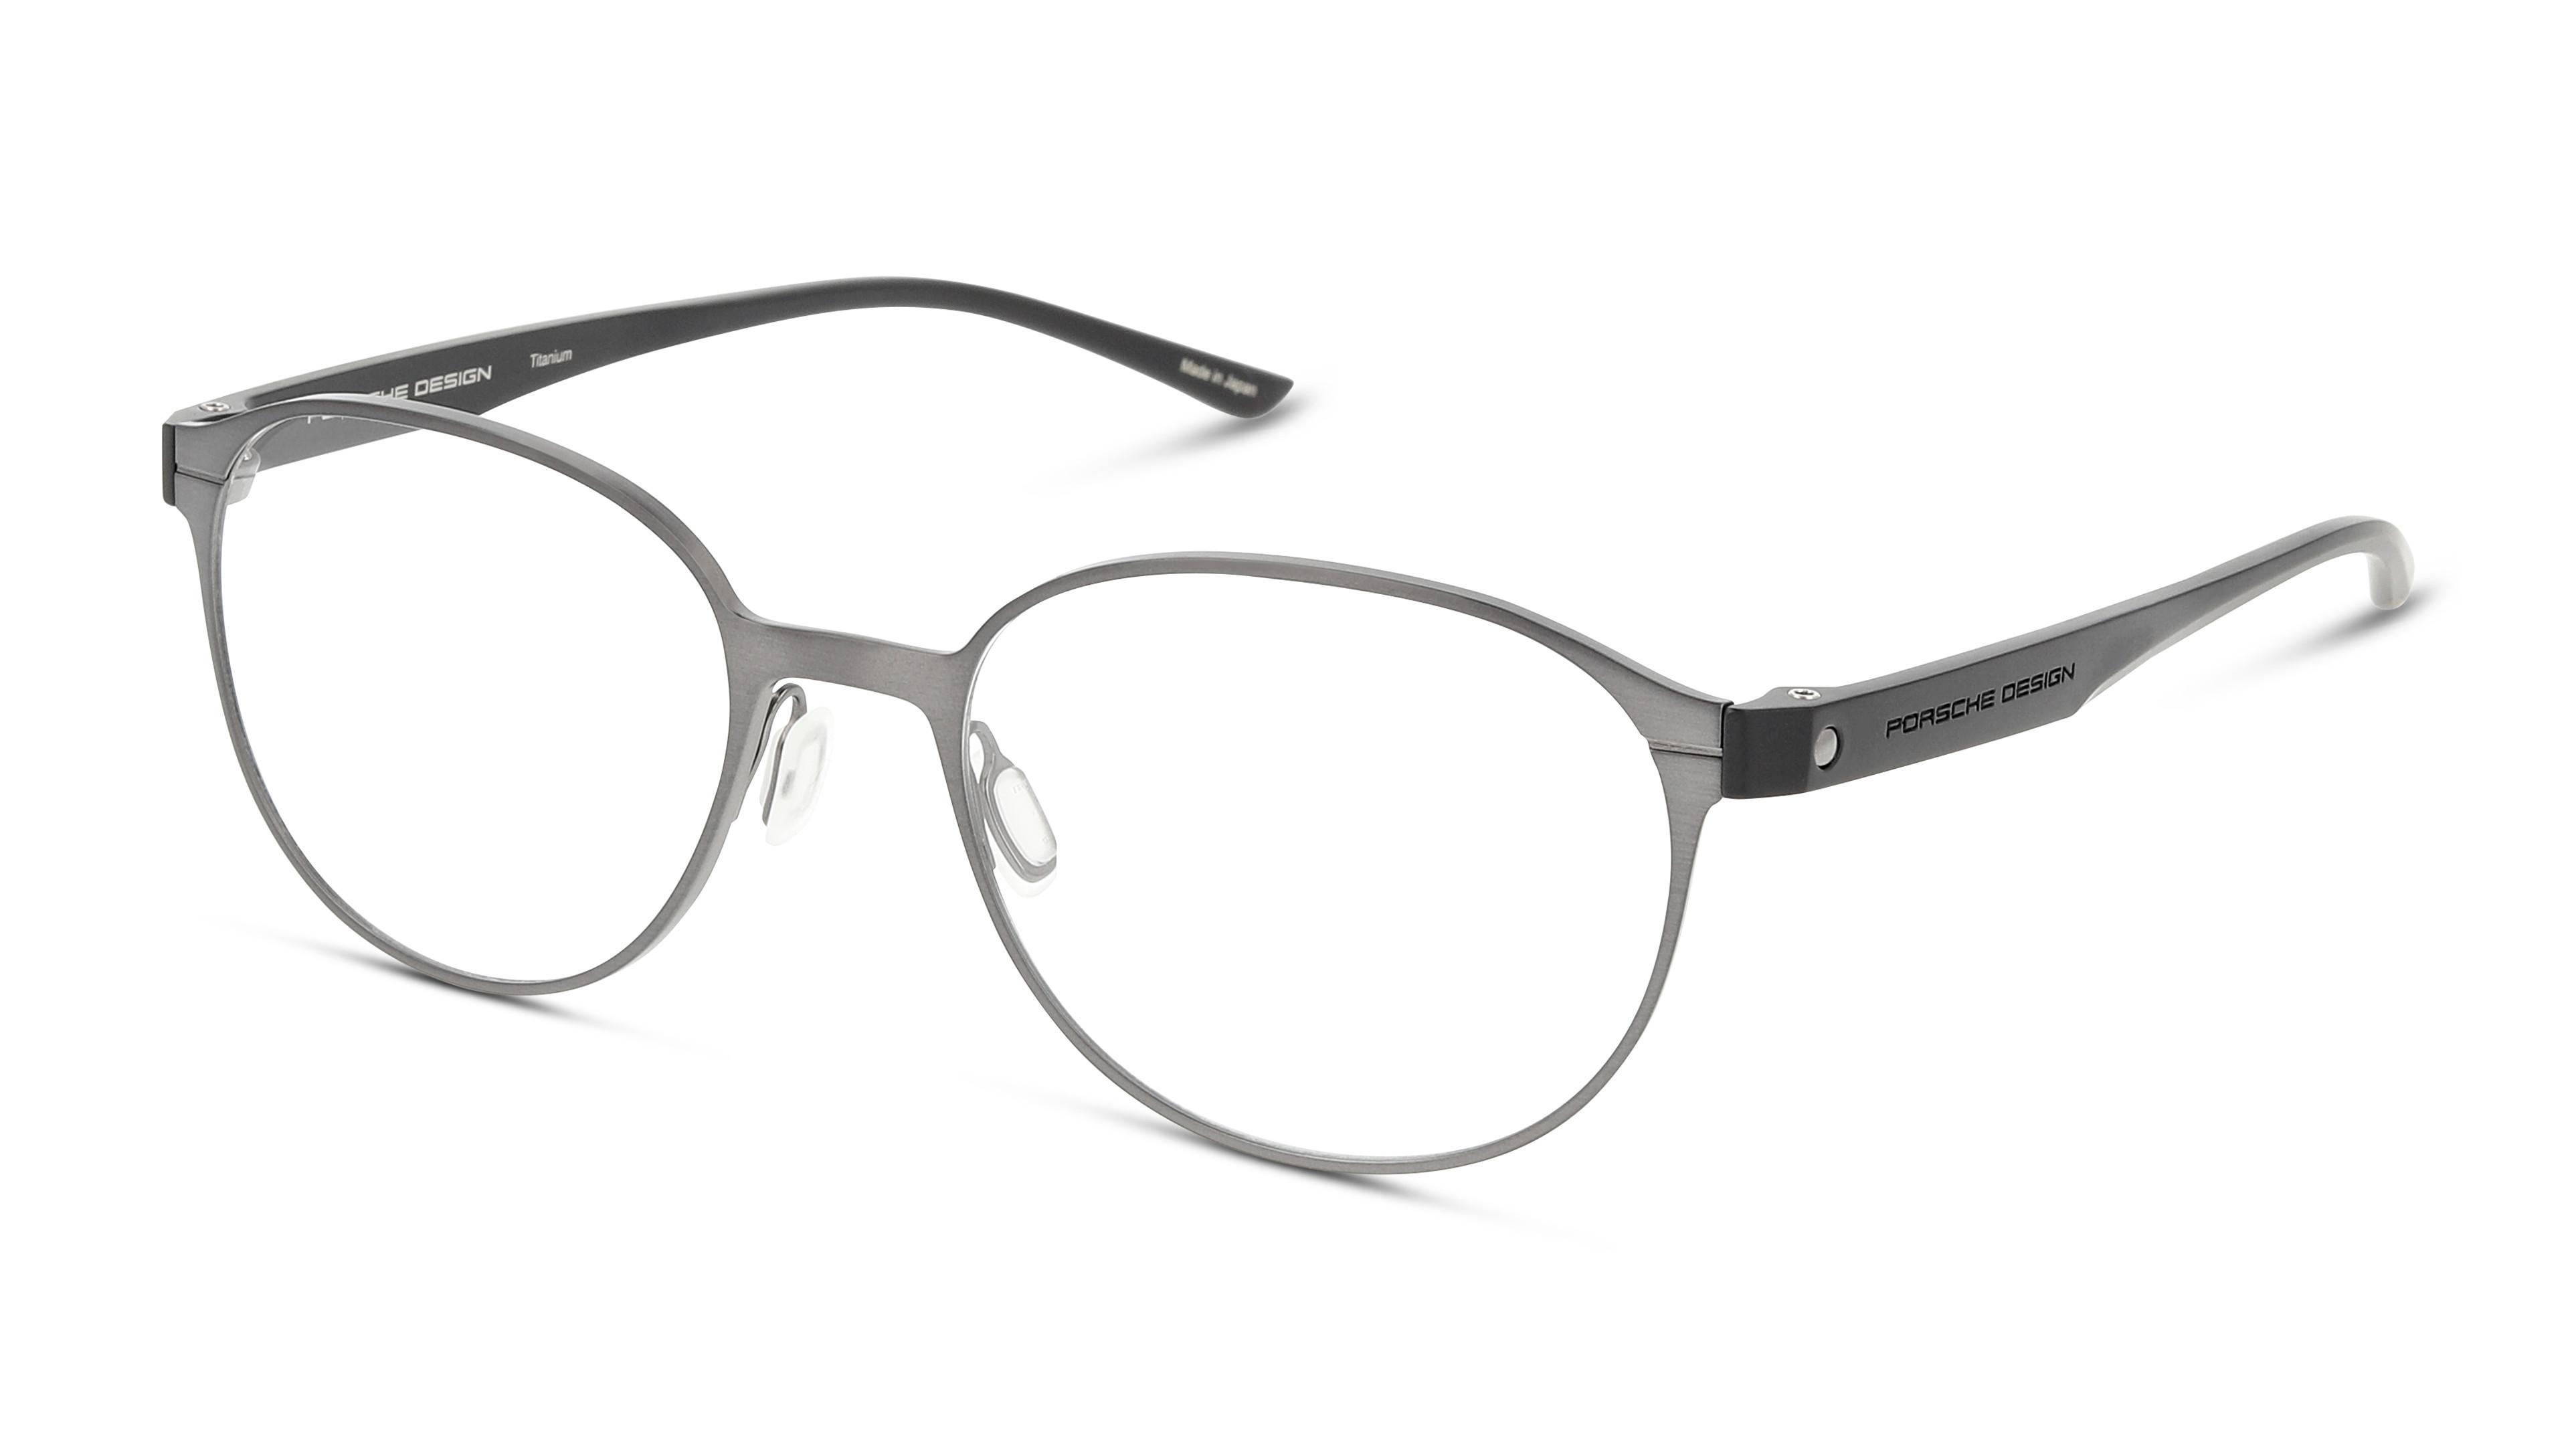 4046901034962-angle-03-porsche-design-p8345-eyewear-dark-gun